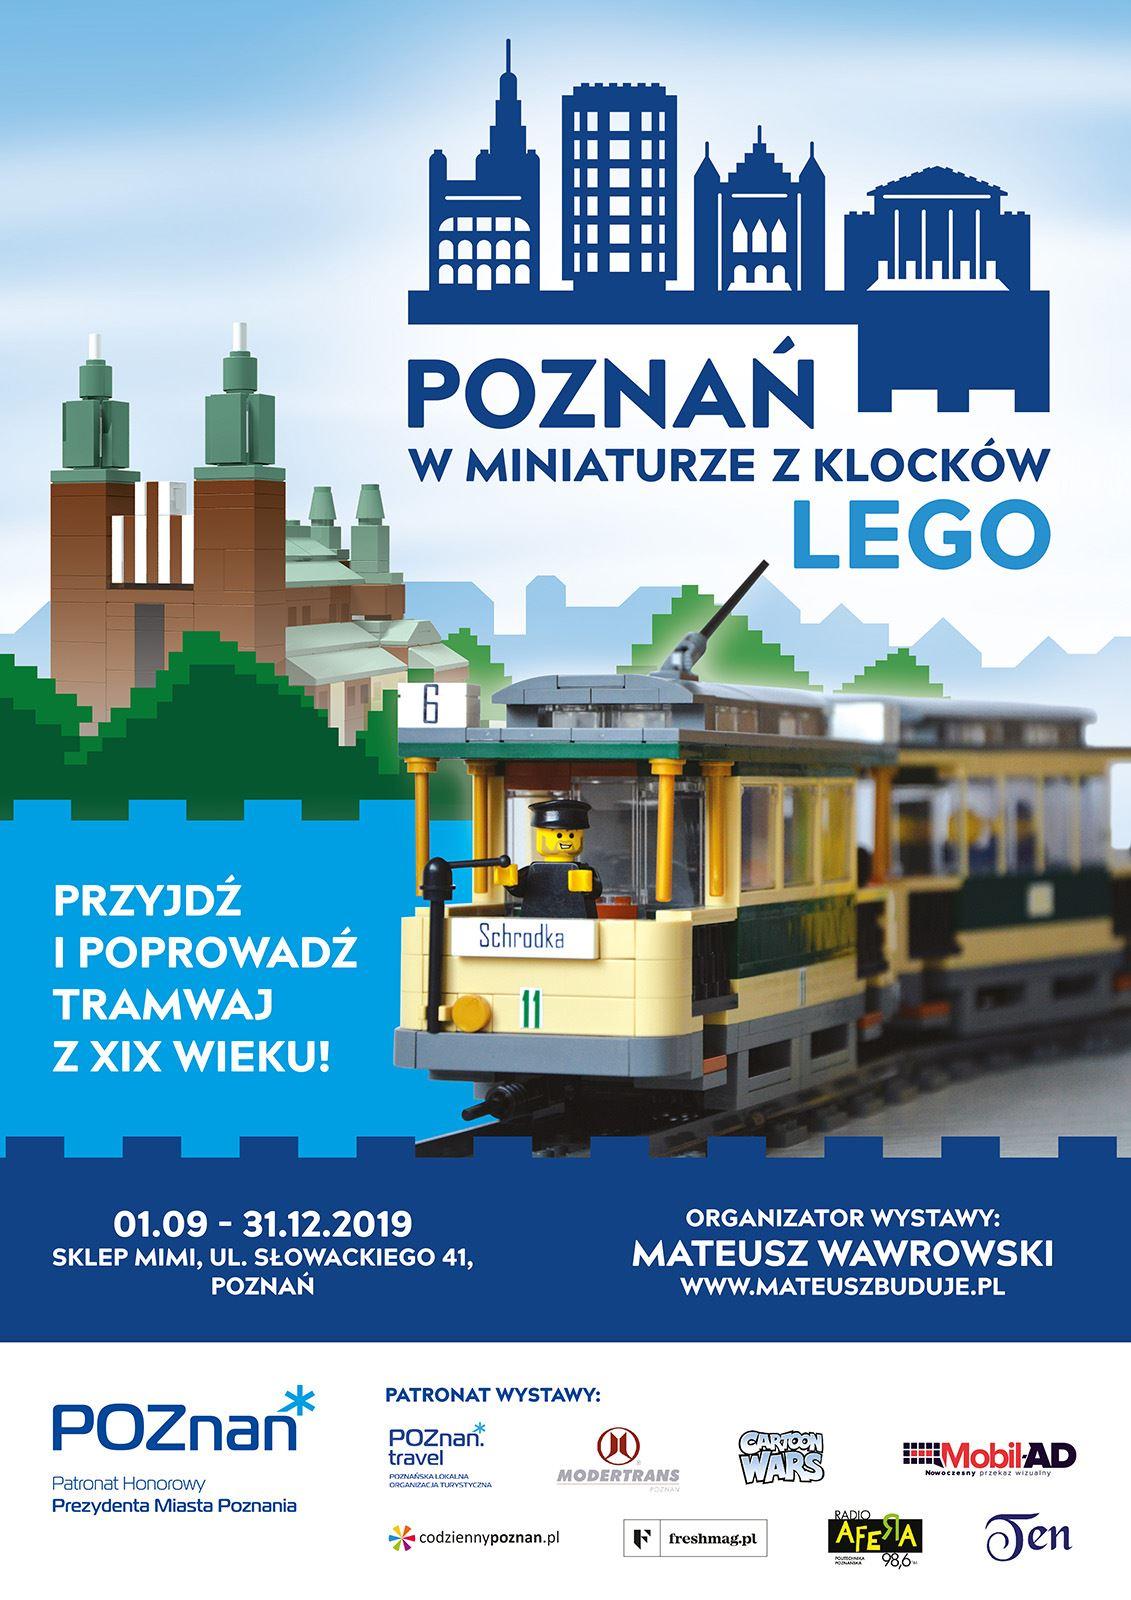 Wystawa Poznań w miniaturze z klocków LEGO